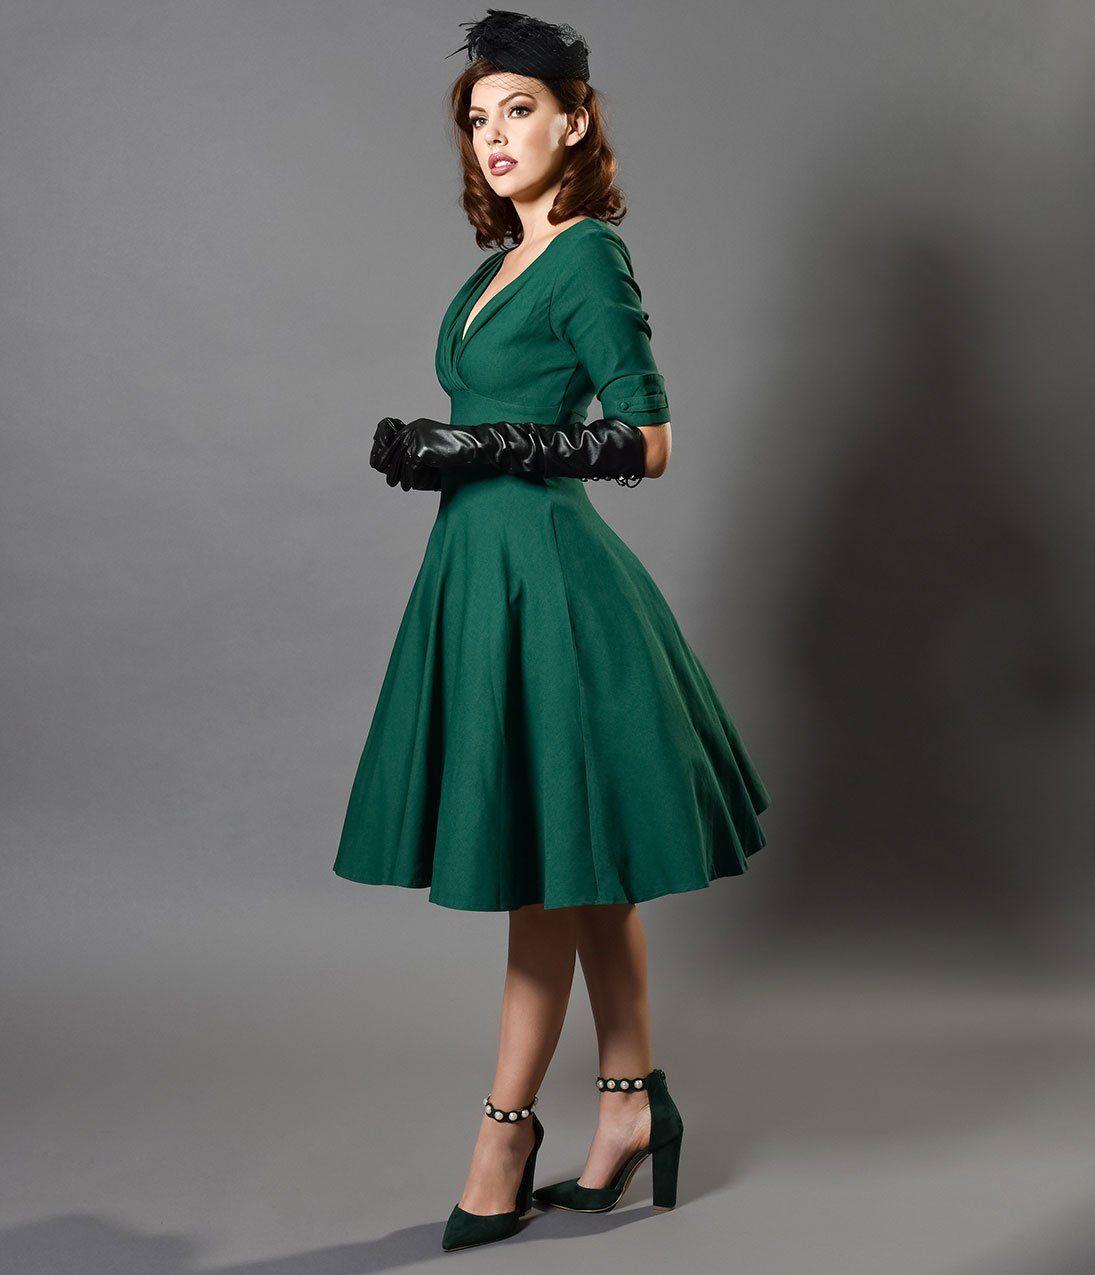 f67859c269f Vintage Style Christmas Dresses